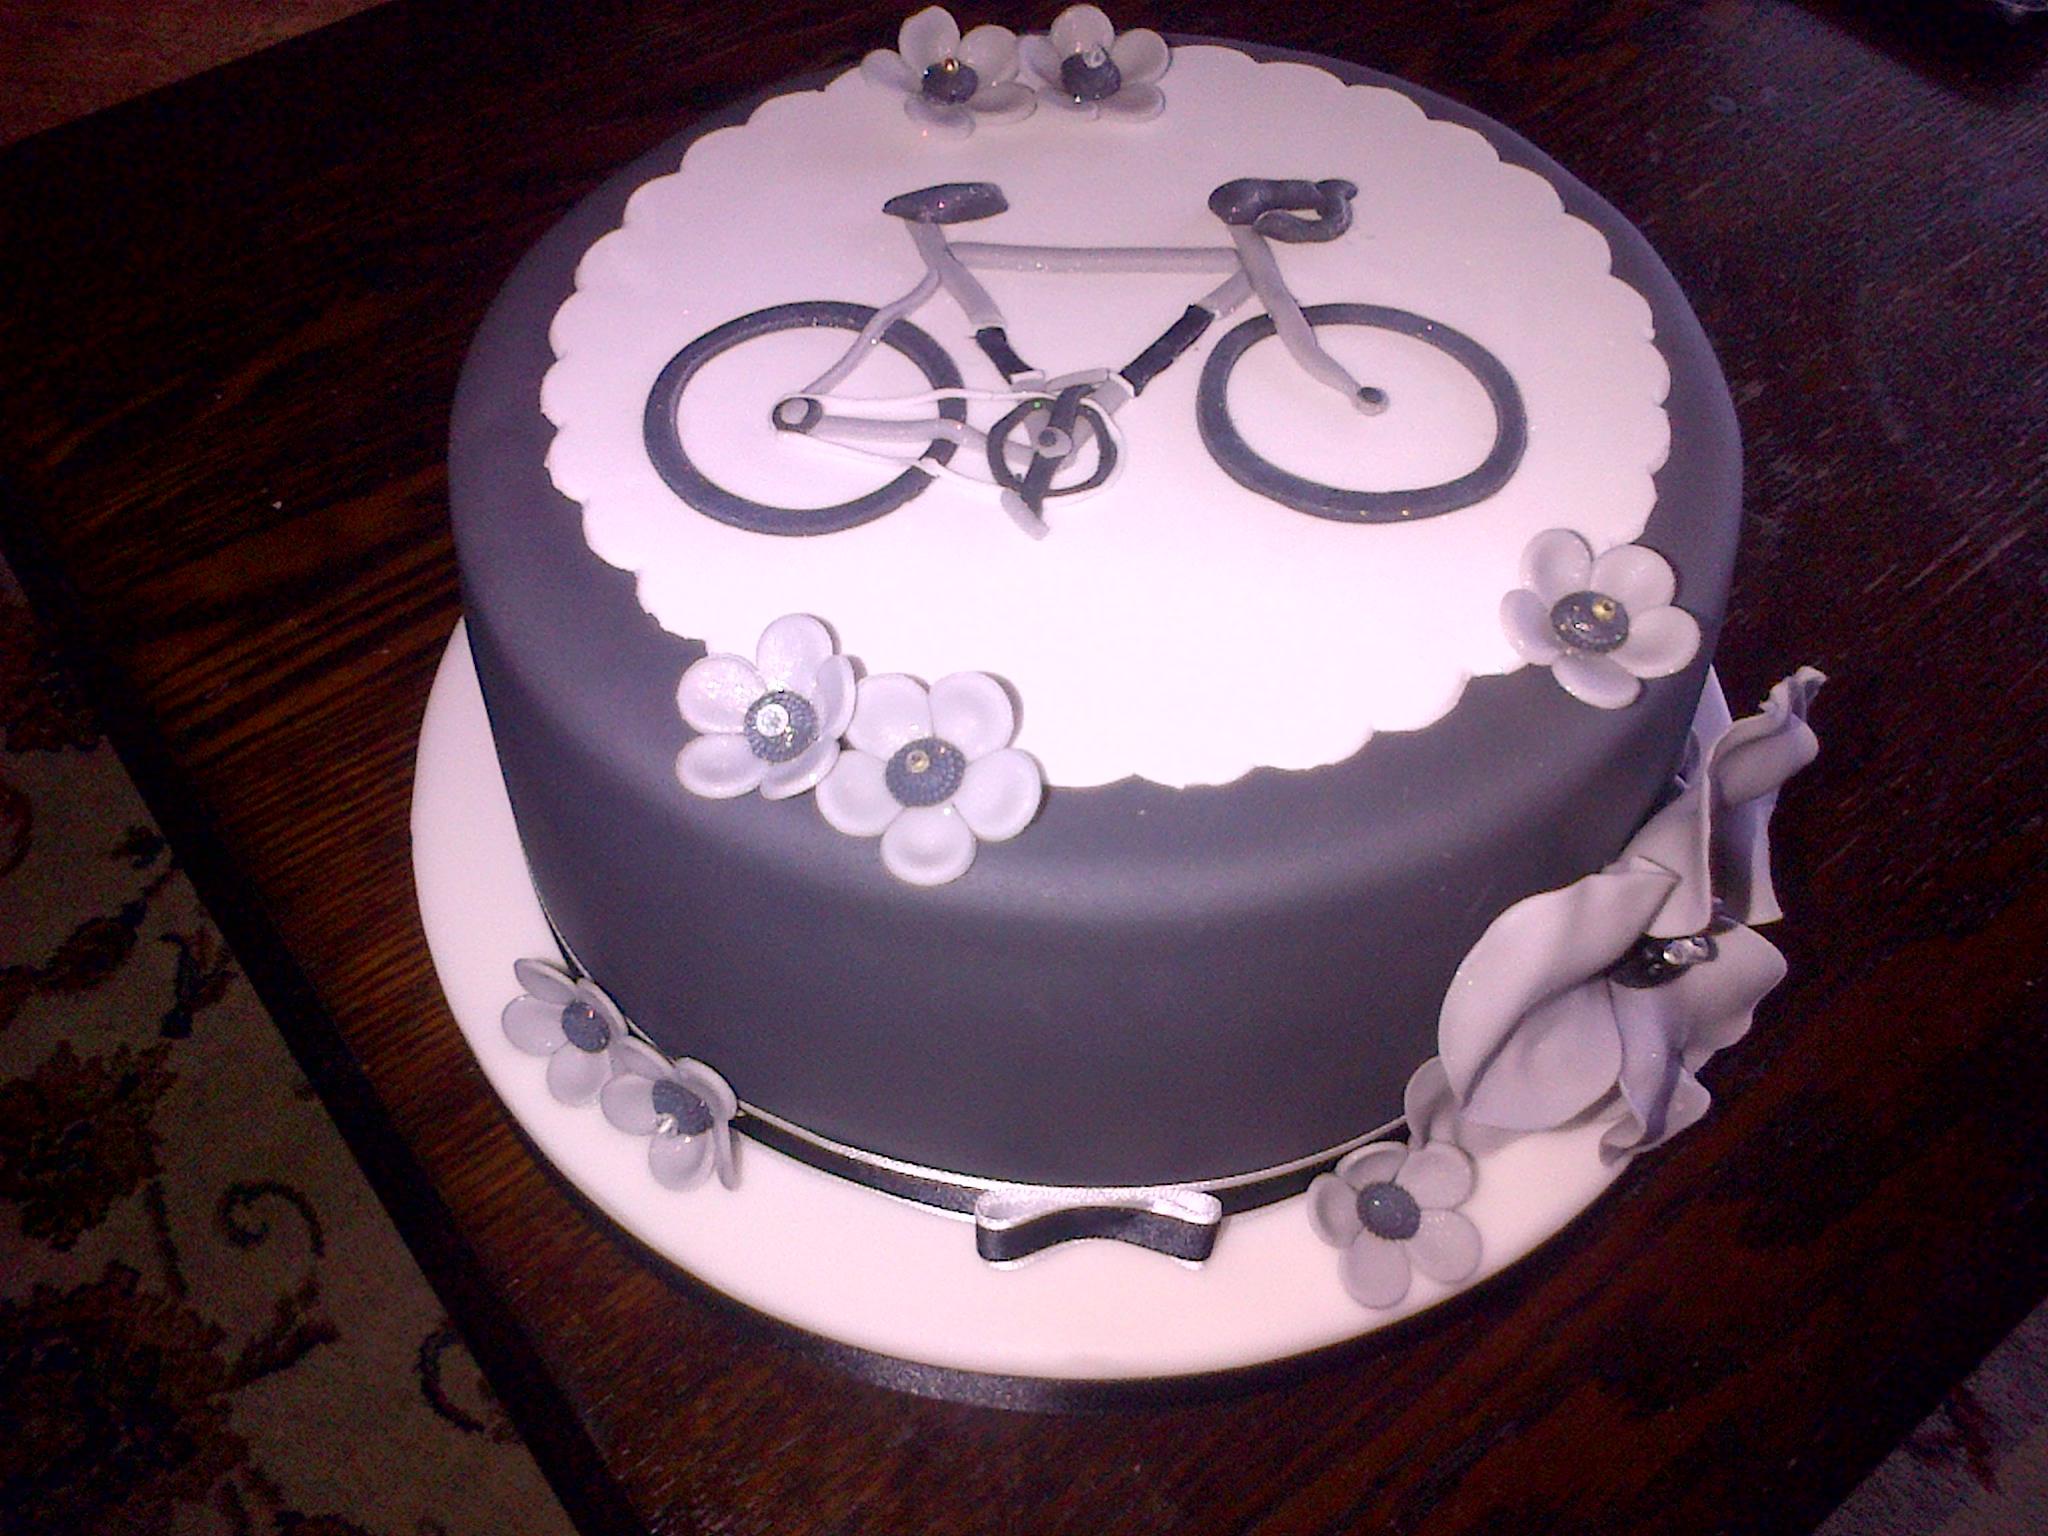 Fine Celebration Cakes The Baking Room Personalised Birthday Cards Xaembasilily Jamesorg